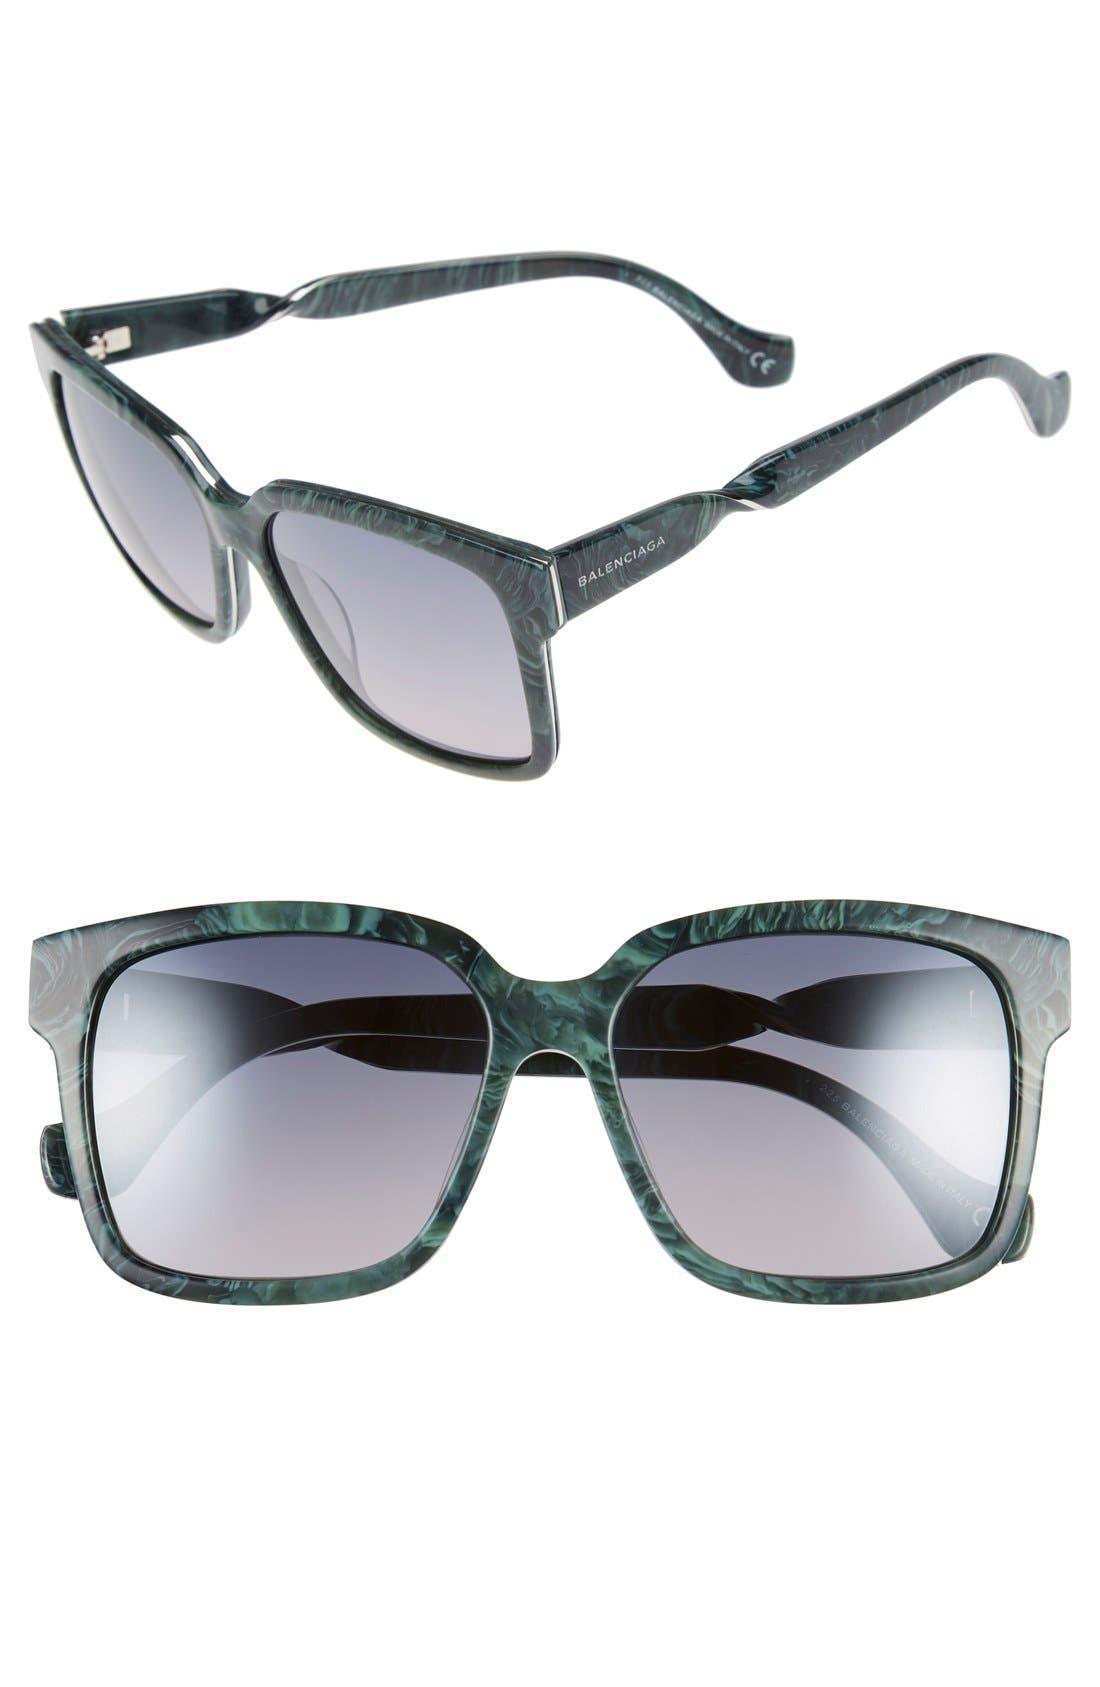 Main Image - Balenciaga Paris 'BA0053' 55mm Cat Eye Sunglasses